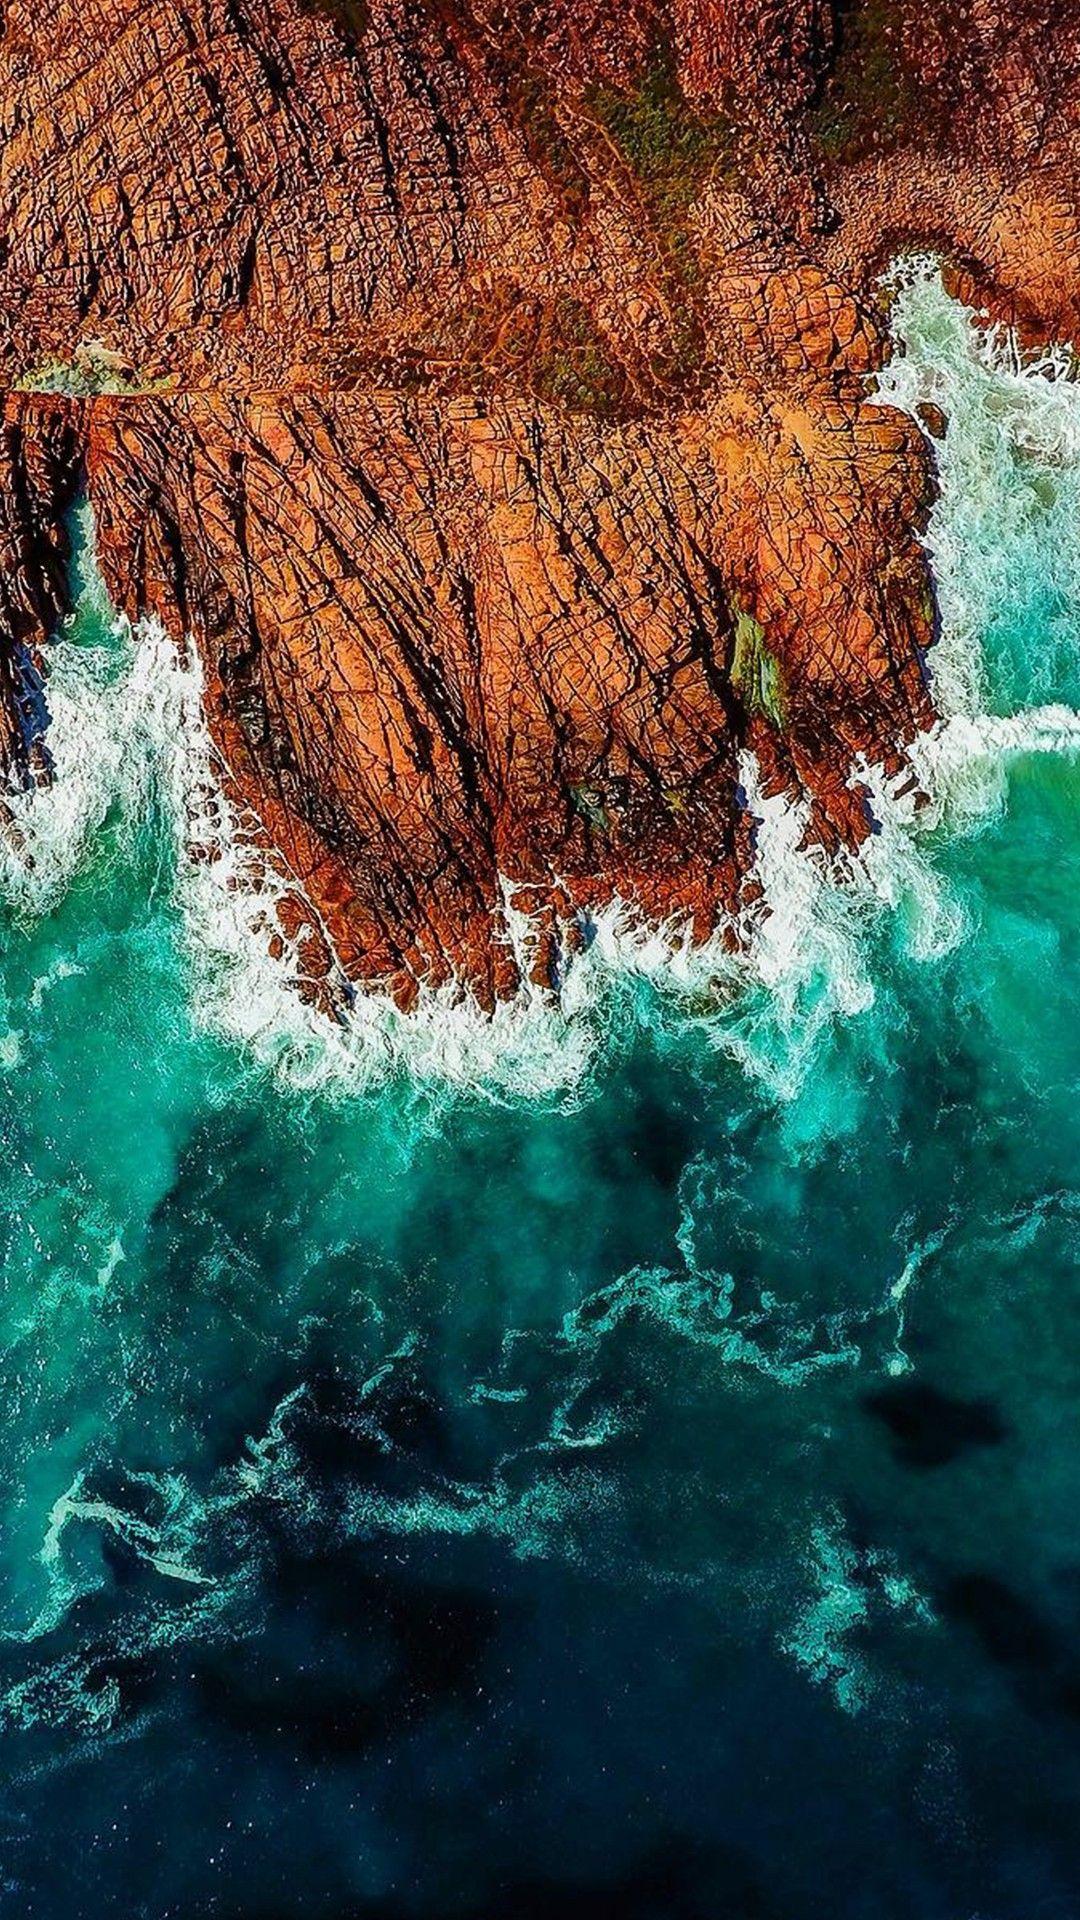 iPhone wallpaper. Ocean waves. | Graphic Design & Such | Iphone wallpaper, Wallpaper, Ios 11 ...